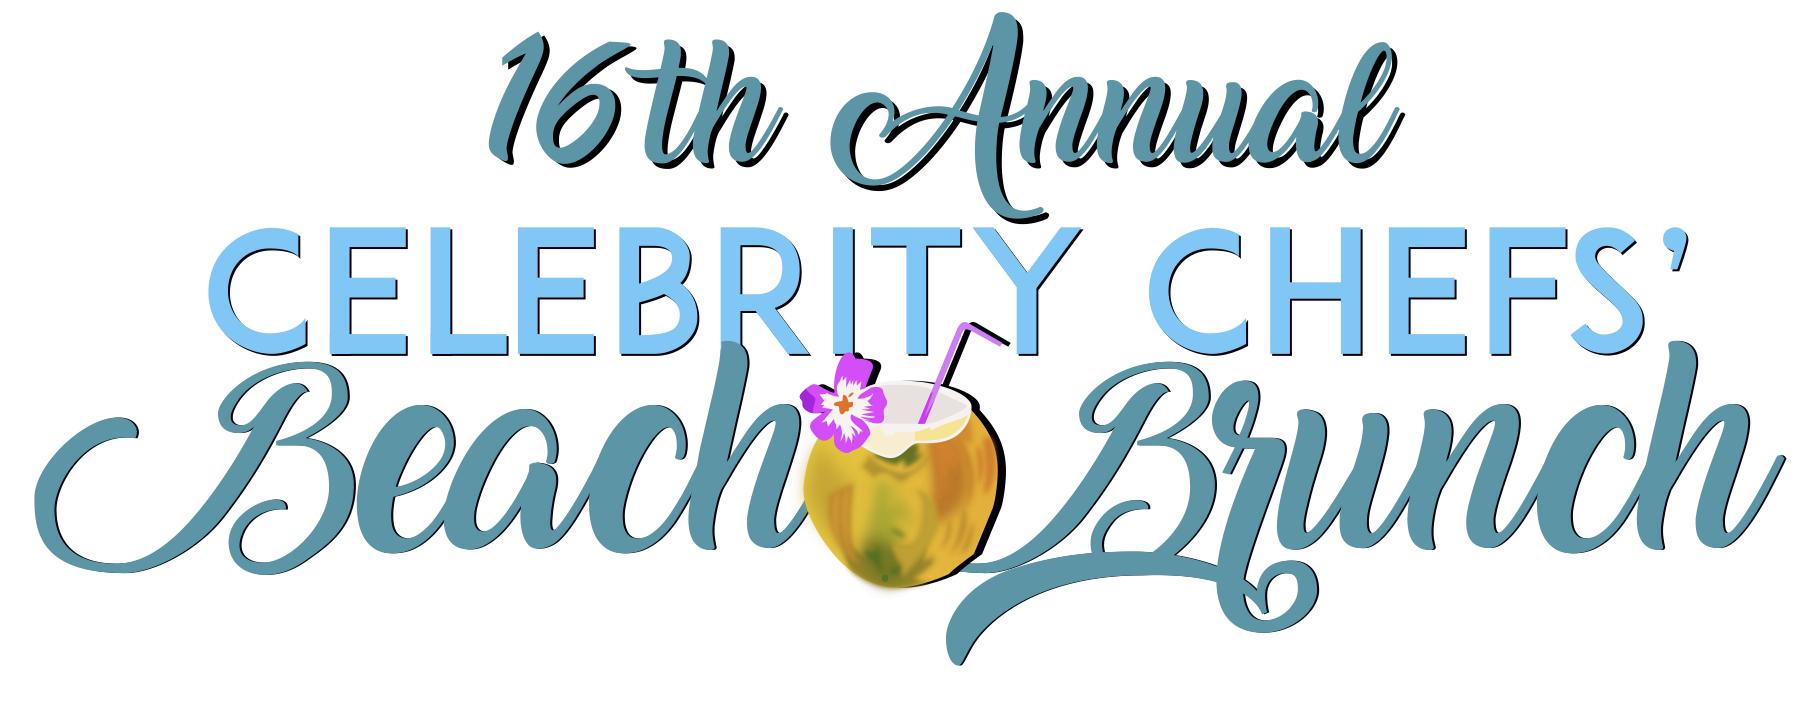 2018 Celebrity Chefs' Beach Brunch